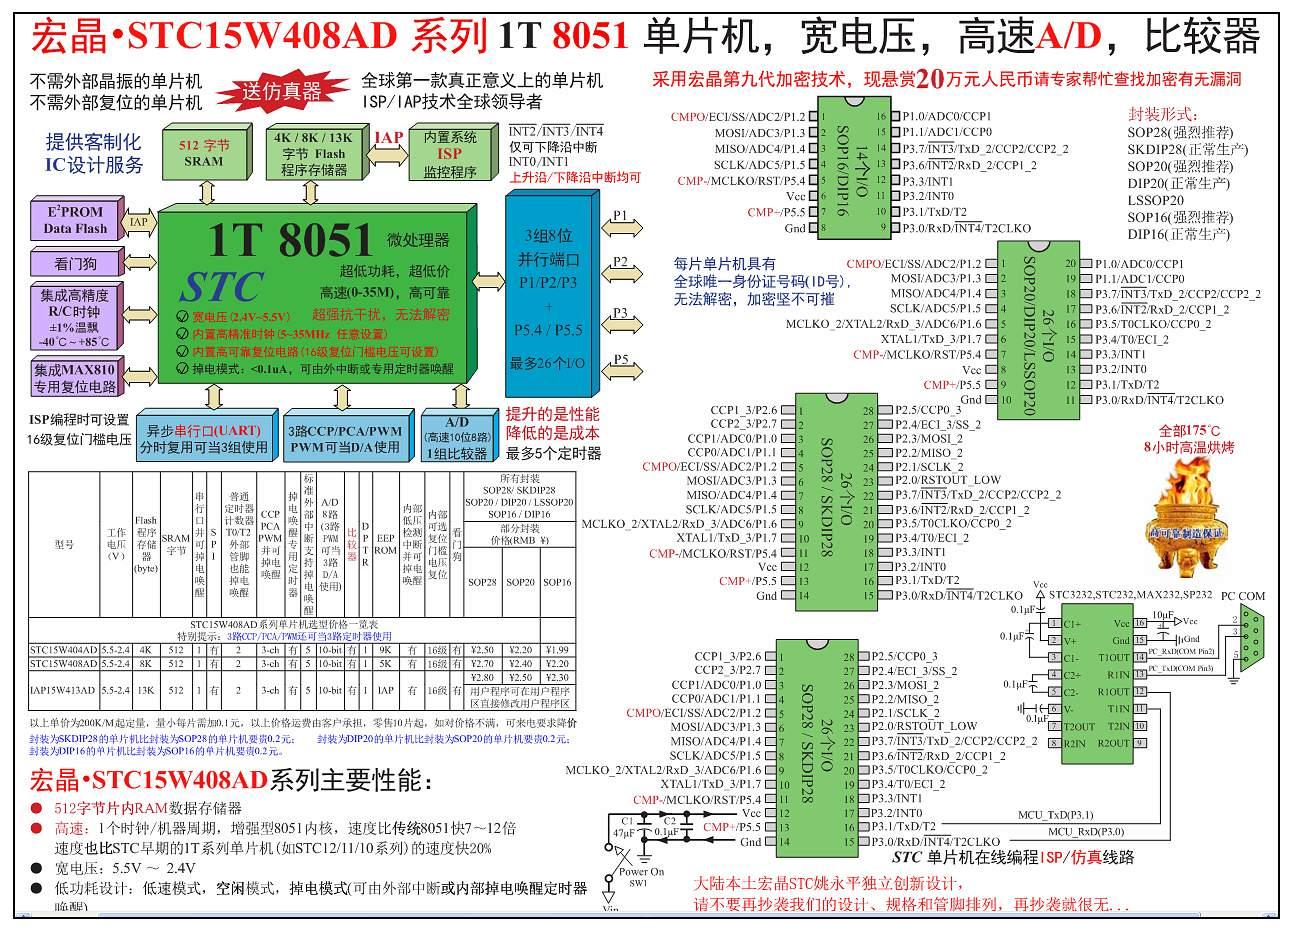 宏晶stc15w408ad系列单片机总体介绍